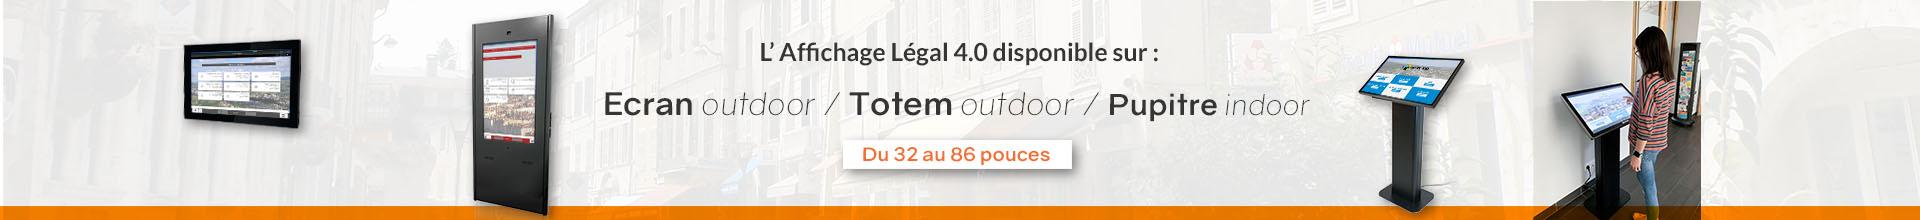 Affichage légal dynamique - digitalisez votre affichage légal - Borne outdoor totem pupitre